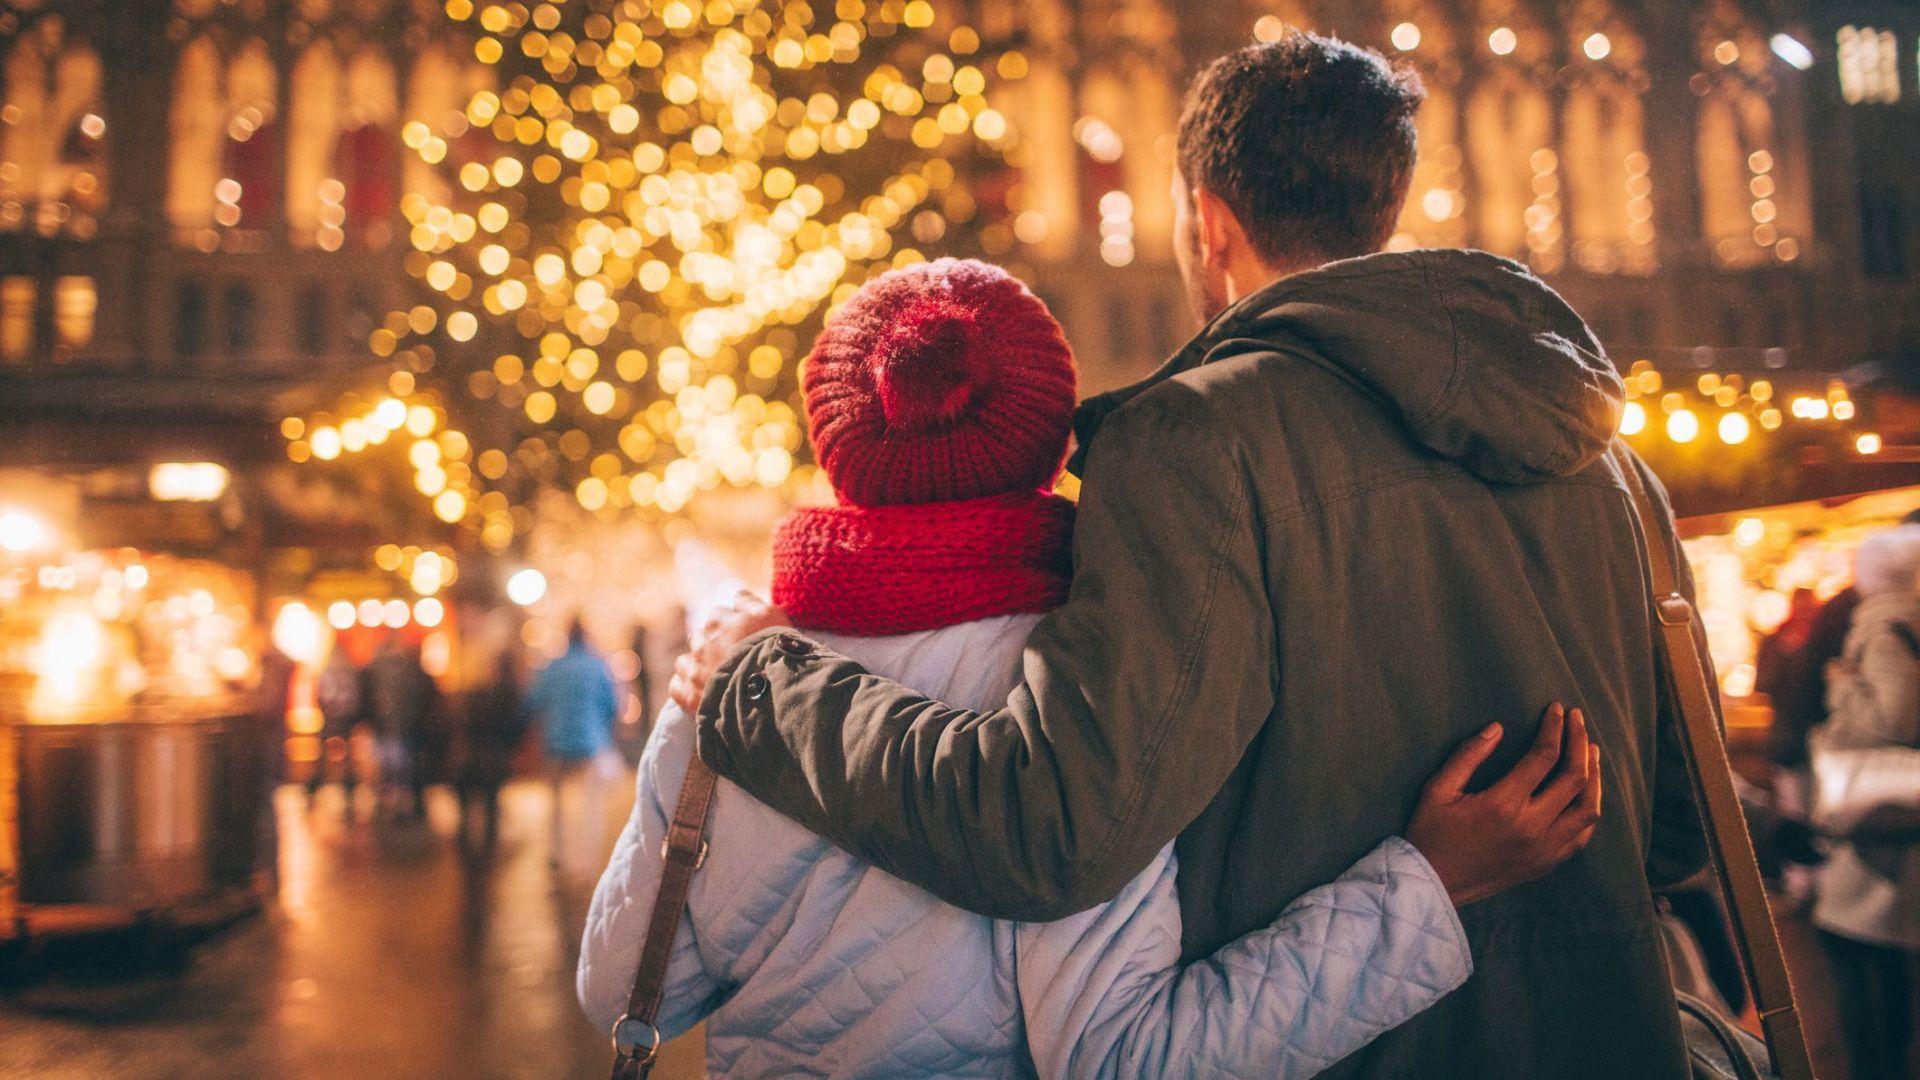 Paar auf dem Weihnachtsmarkt mit Weihnachtsbaum